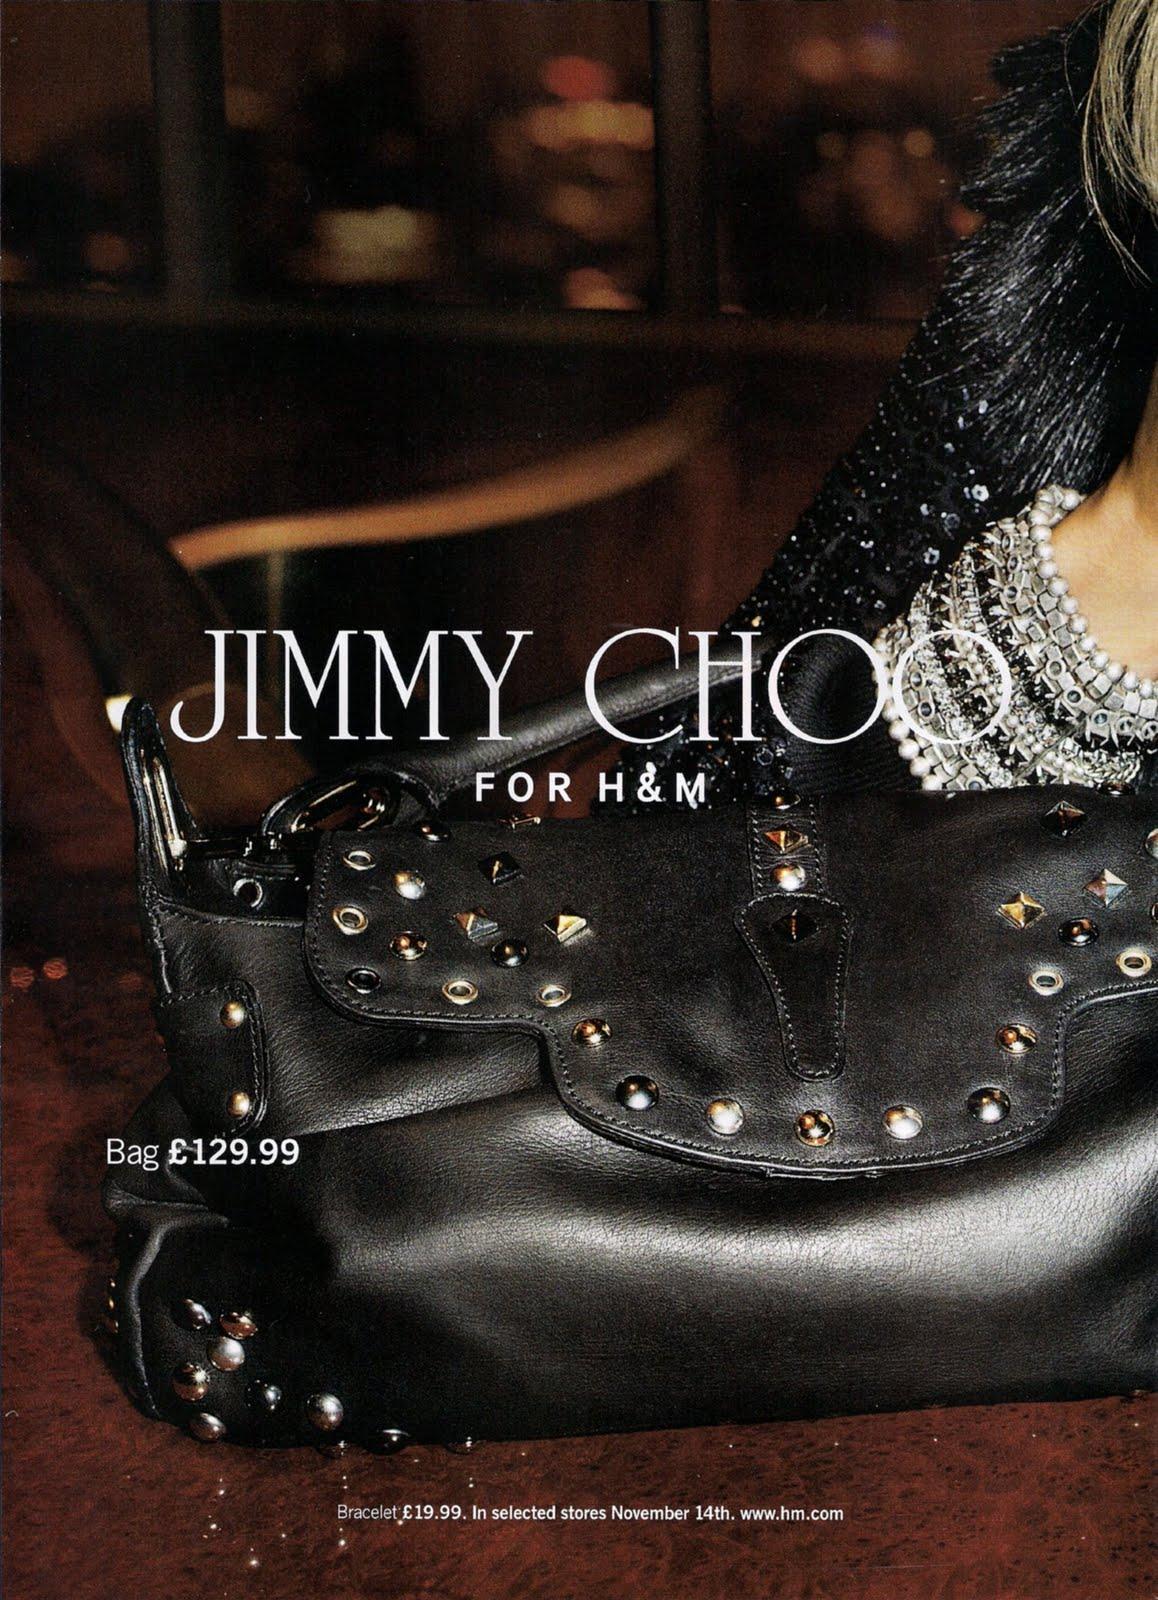 http://4.bp.blogspot.com/_o789mM9c4Lo/Swlr7ZmPRaI/AAAAAAAACjw/aMyuJSNUWqU/s1600/Jimmy+Choo+for+H%26M+05.jpg